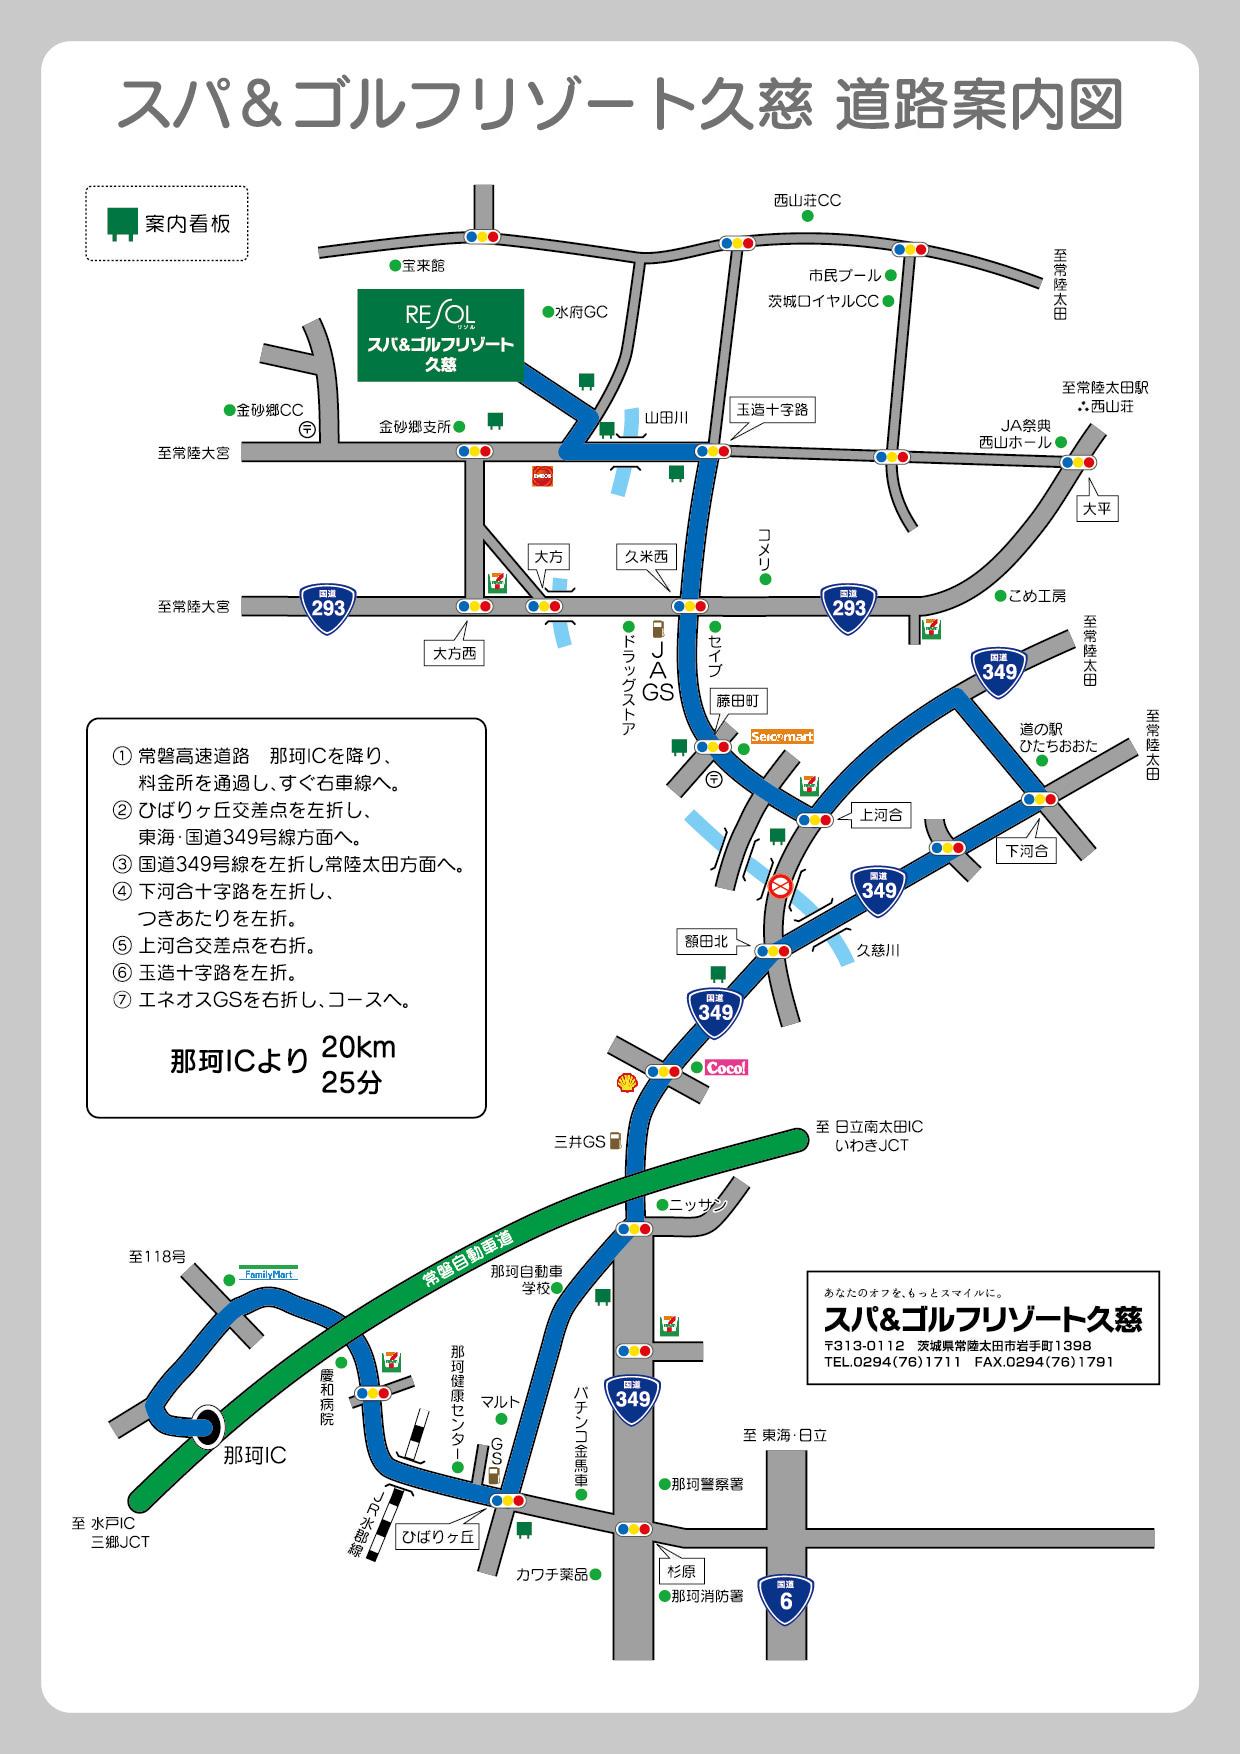 スパ&ゴルフリゾート久慈道路案内図